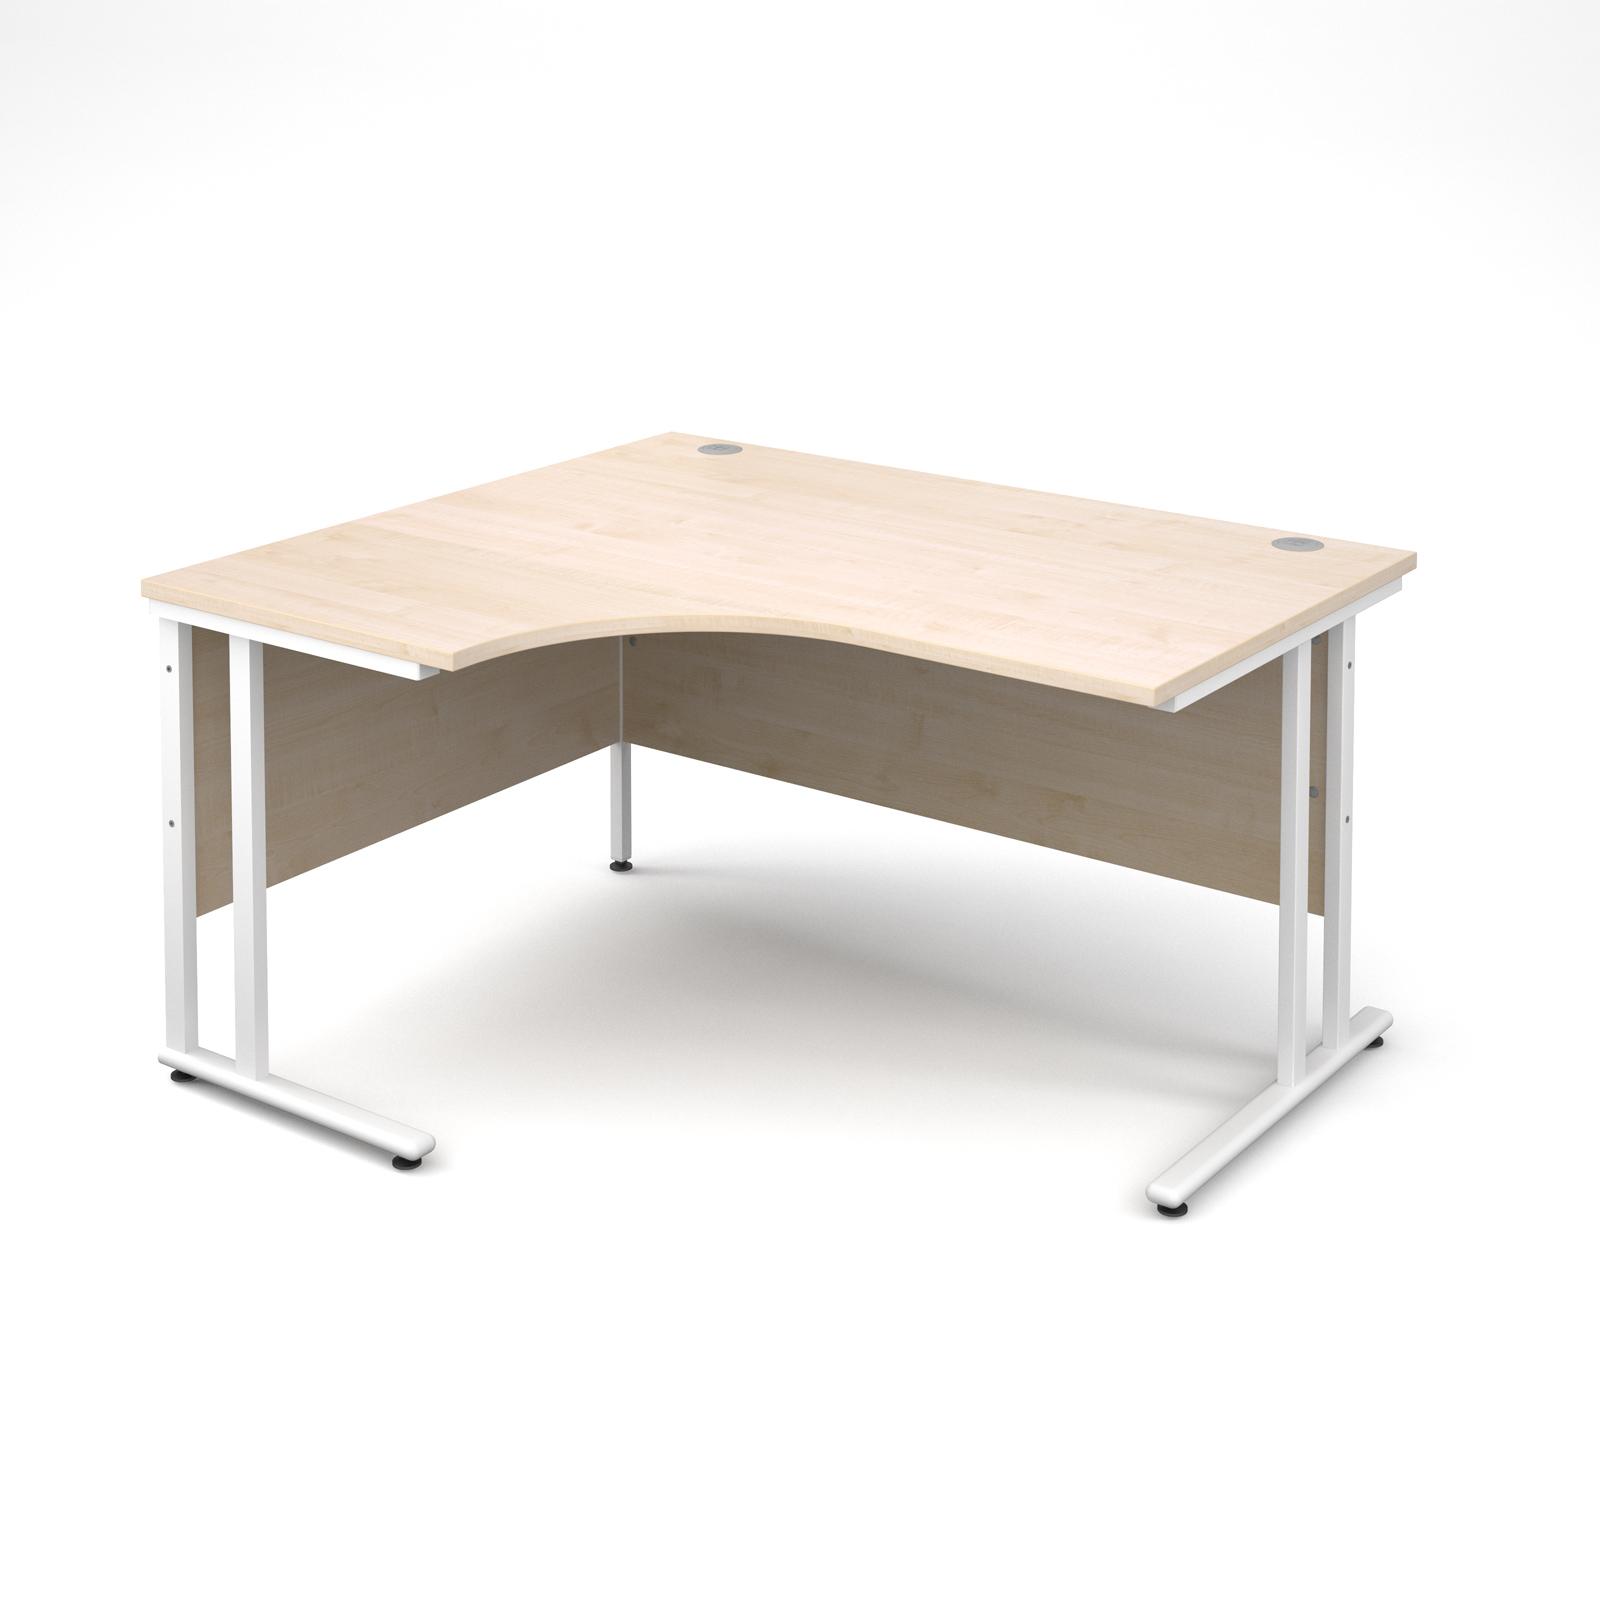 Maestro 25 WL left hand ergonomic desk 1400mm - white cantilever frame, maple top